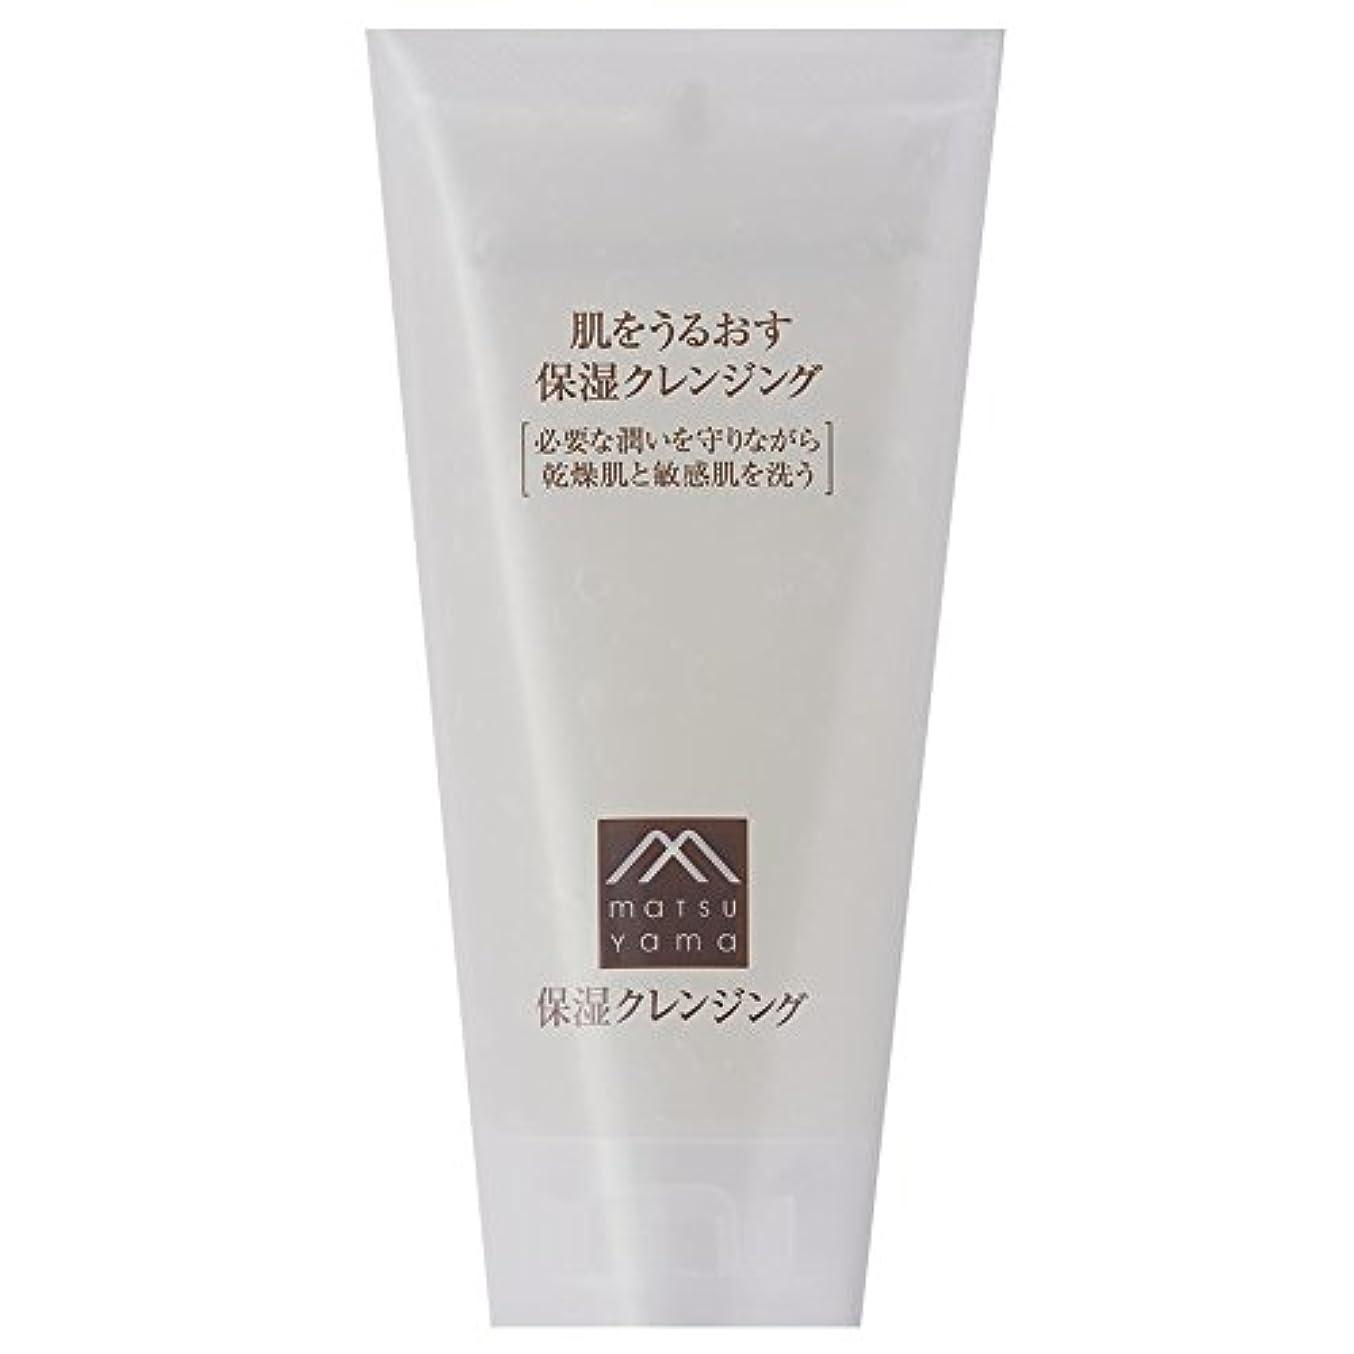 比較的最大普通に肌をうるおす保湿クレンジング(メイク落とし) 保湿 乾燥肌 敏感肌